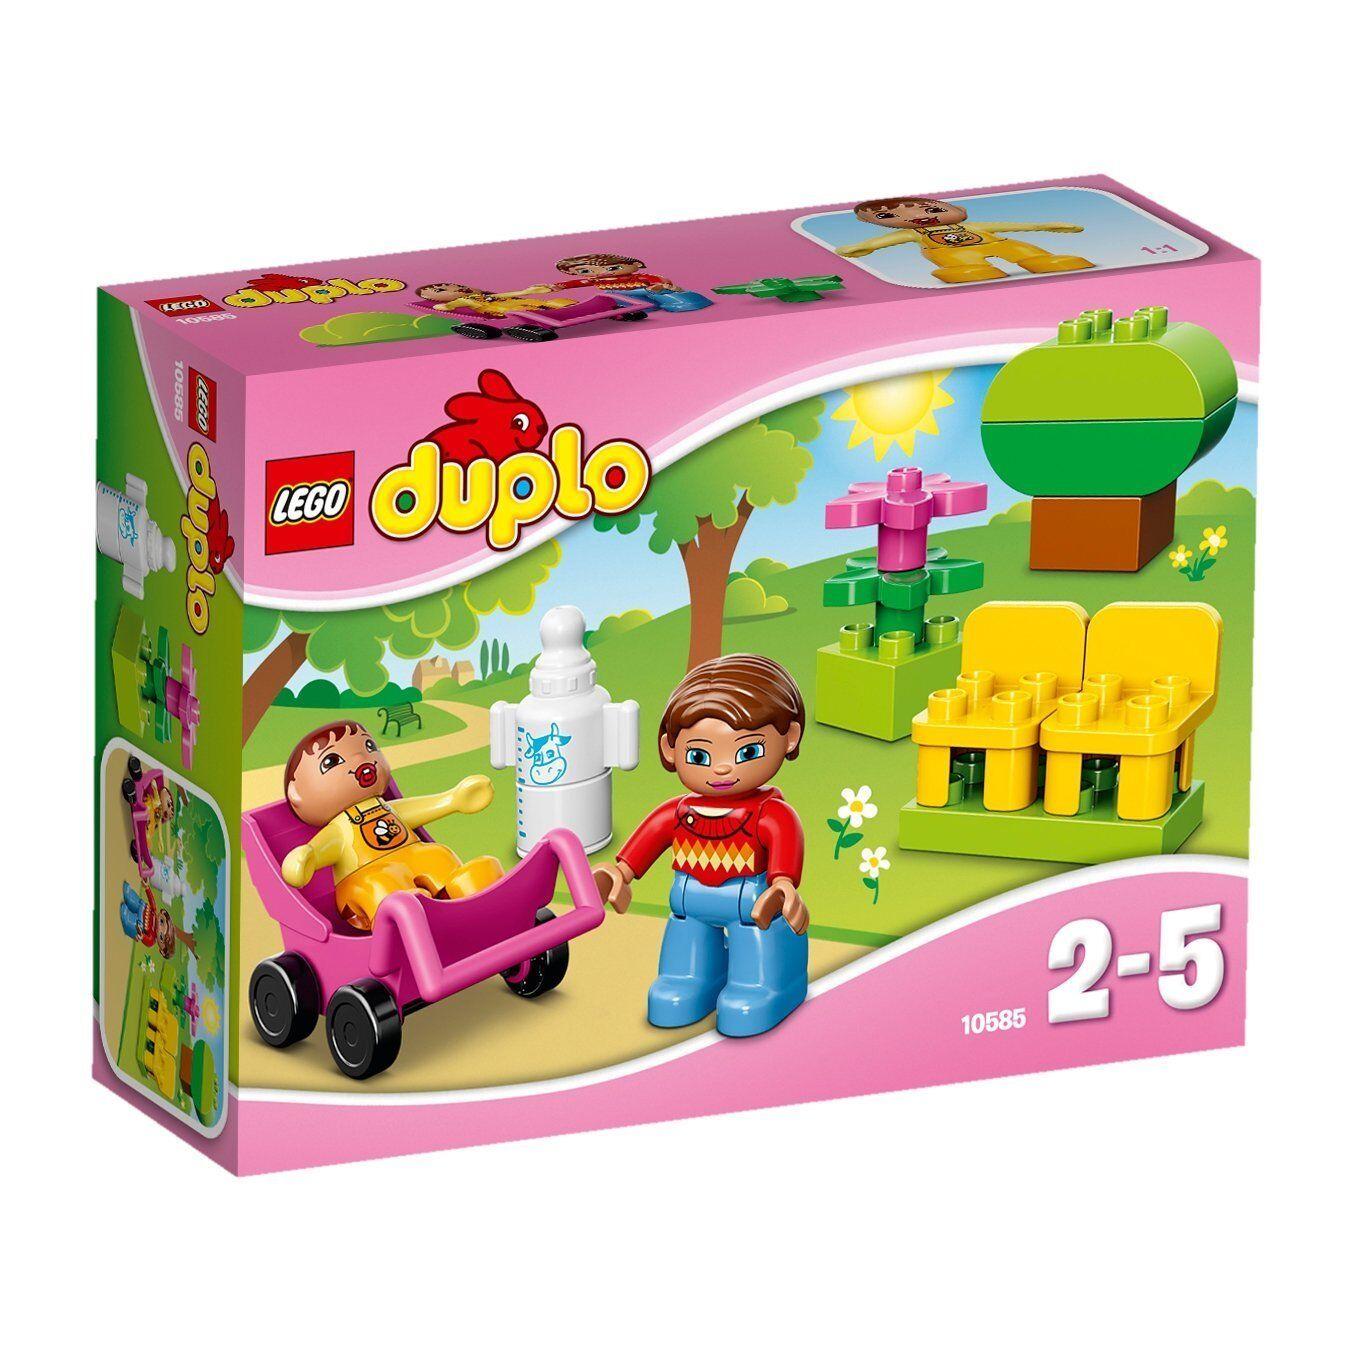 Lego Duplo Town 10585 Mamma e Bambino 2-5 anni set costruzioni gioco mattoncini